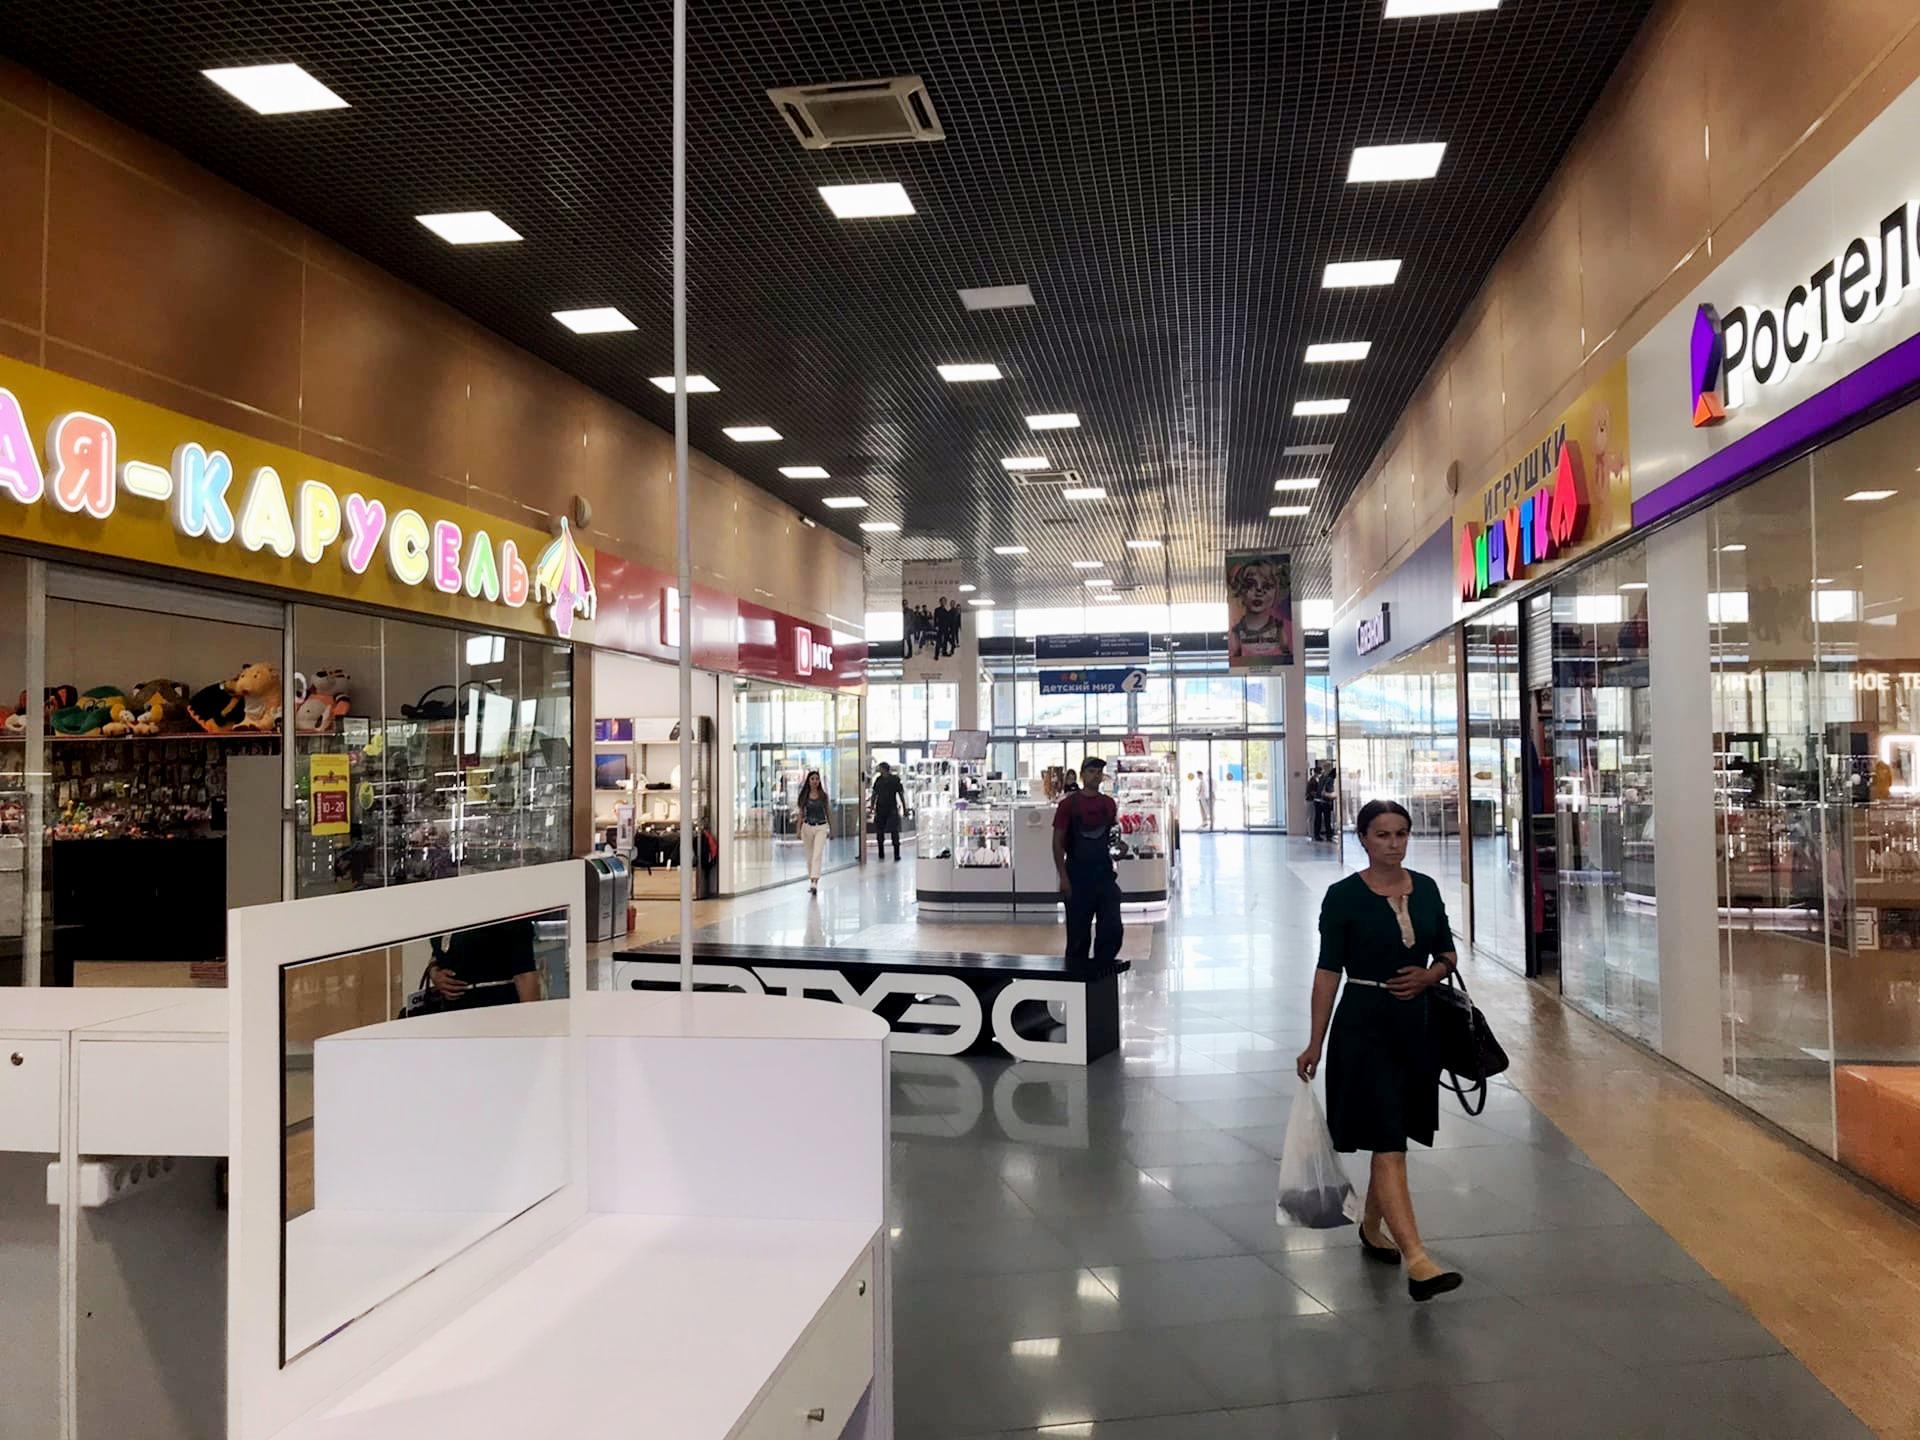 Астраханские торговые центры приходят в себя после коронавирусного кризиса